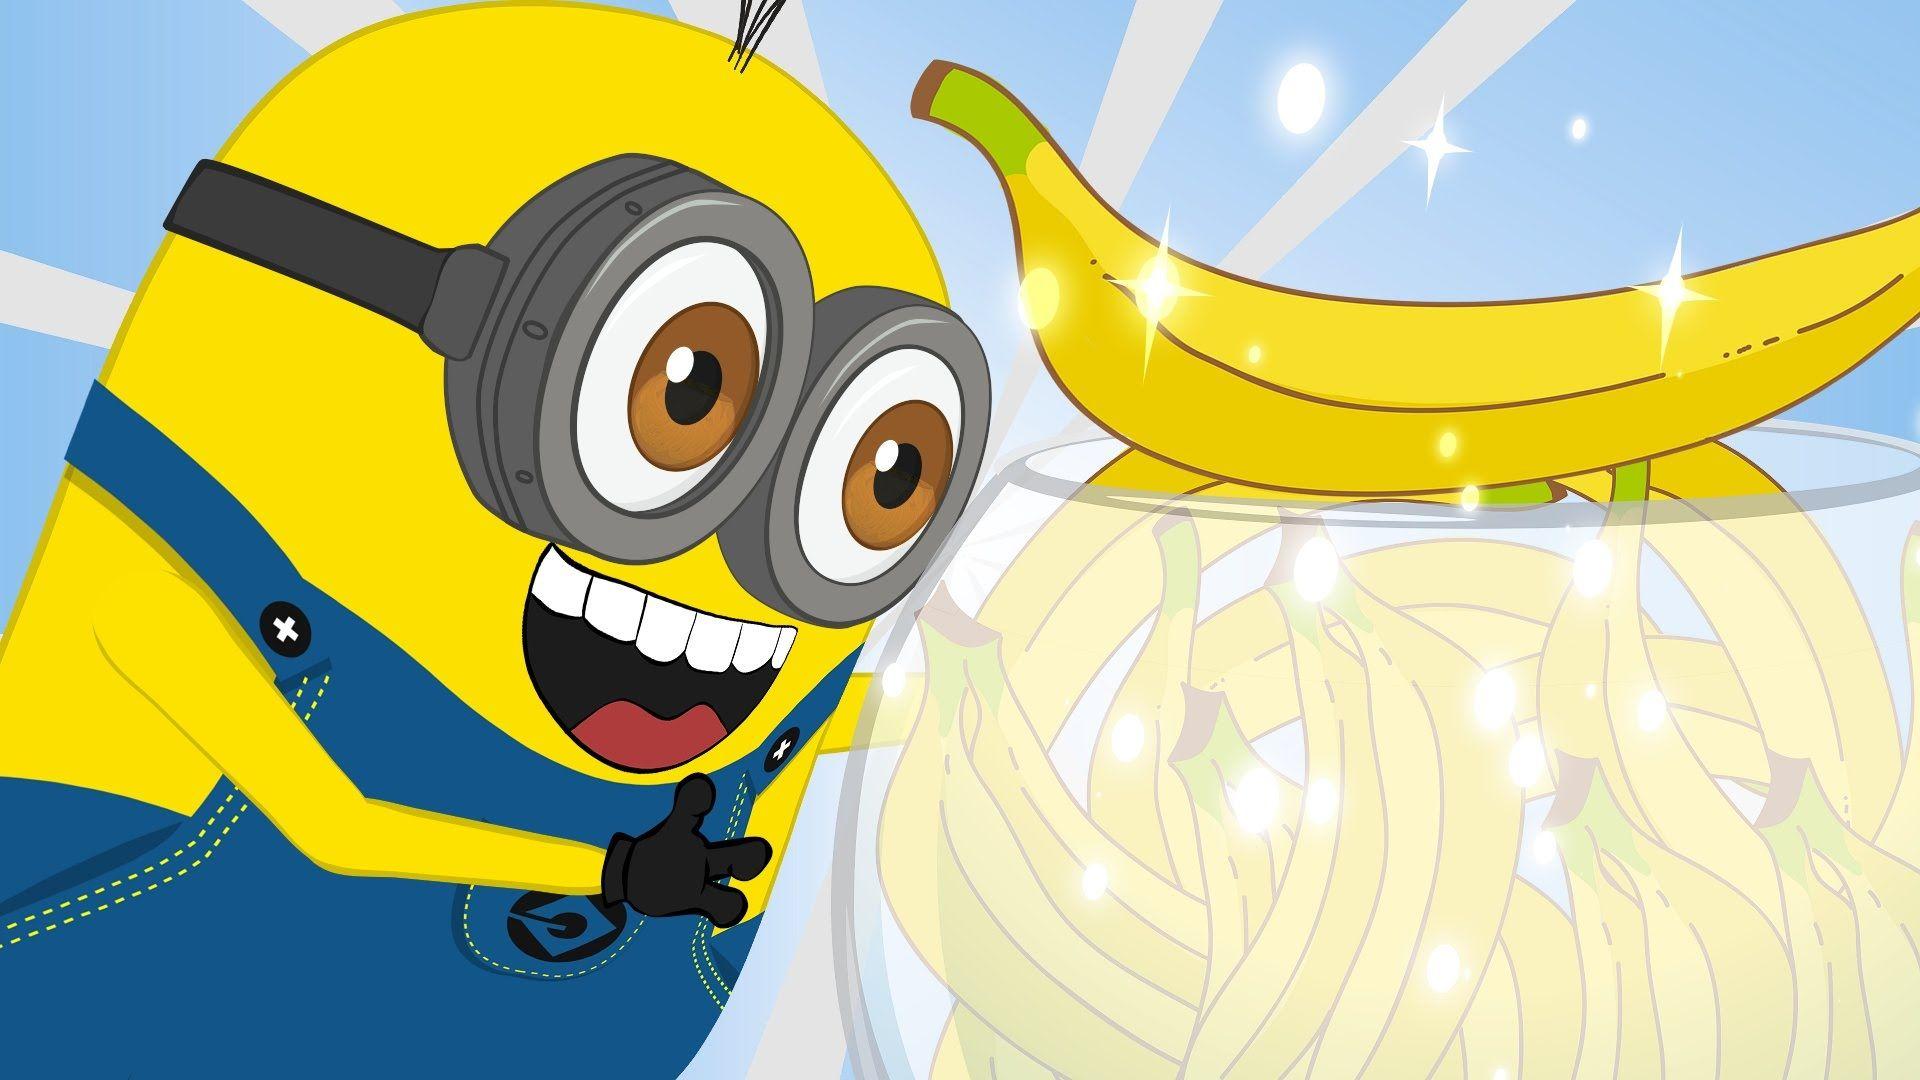 Minions Banana Minions Mini Movies Hd 1080p Minions Minion Banana Cartoons Full Movie